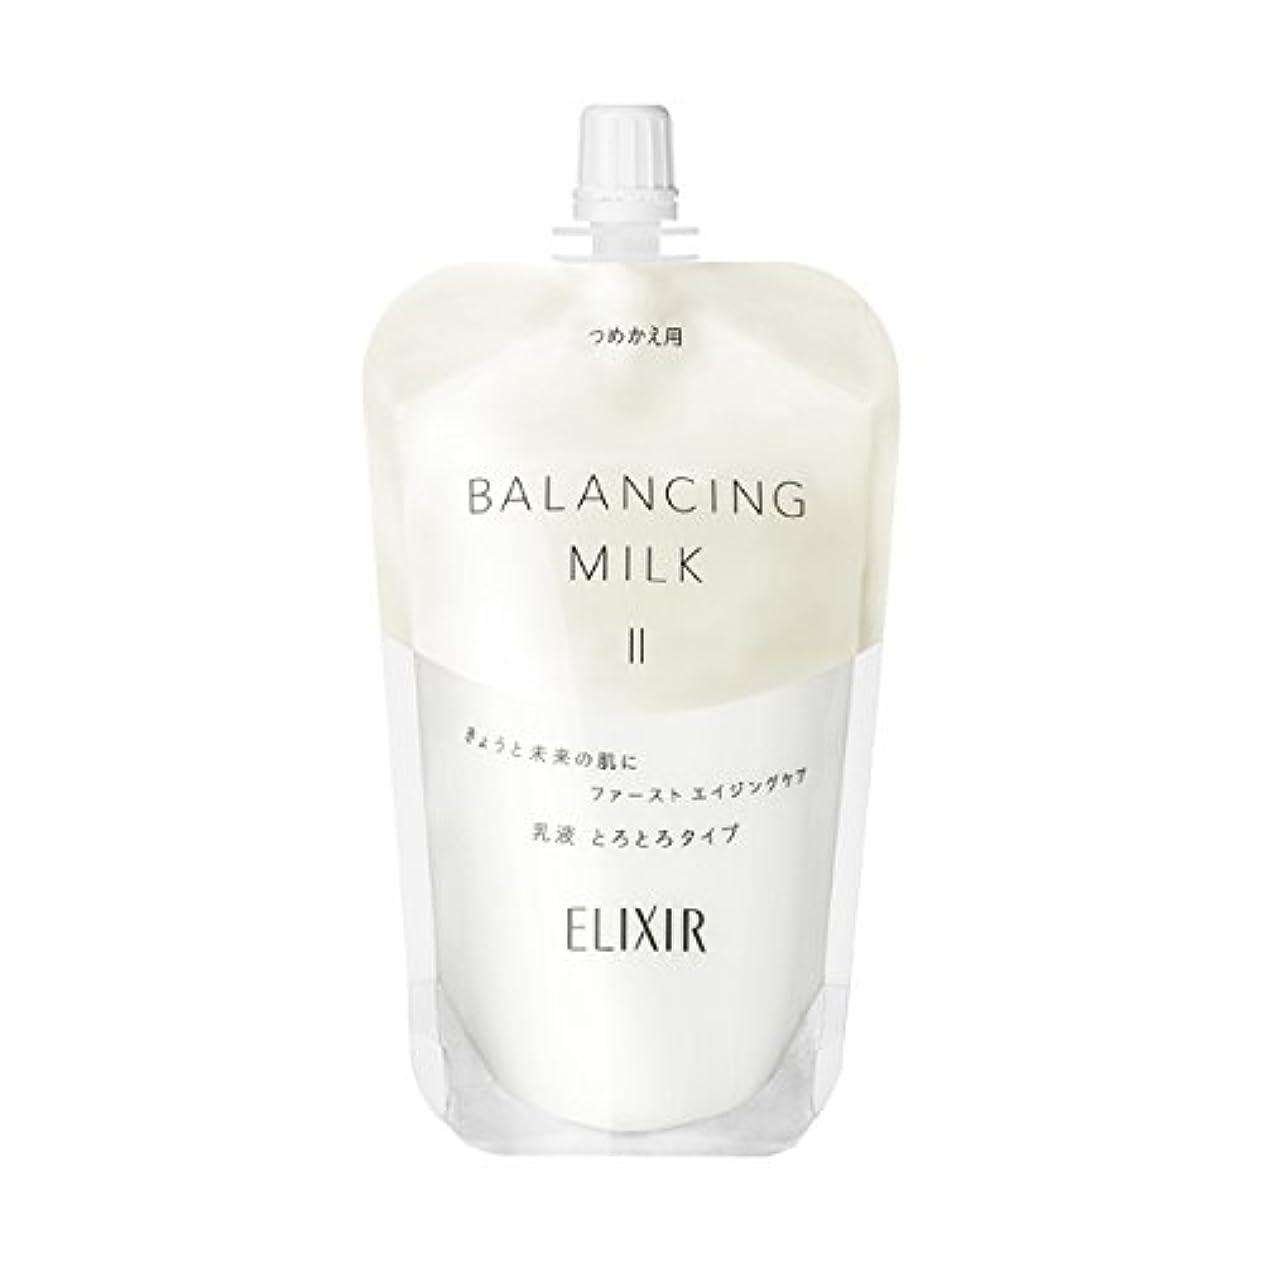 オペラ不足きらめきエリクシール ルフレ バランシング ミルク 乳液 2 (とろとろタイプ) (つめかえ用) 110mL